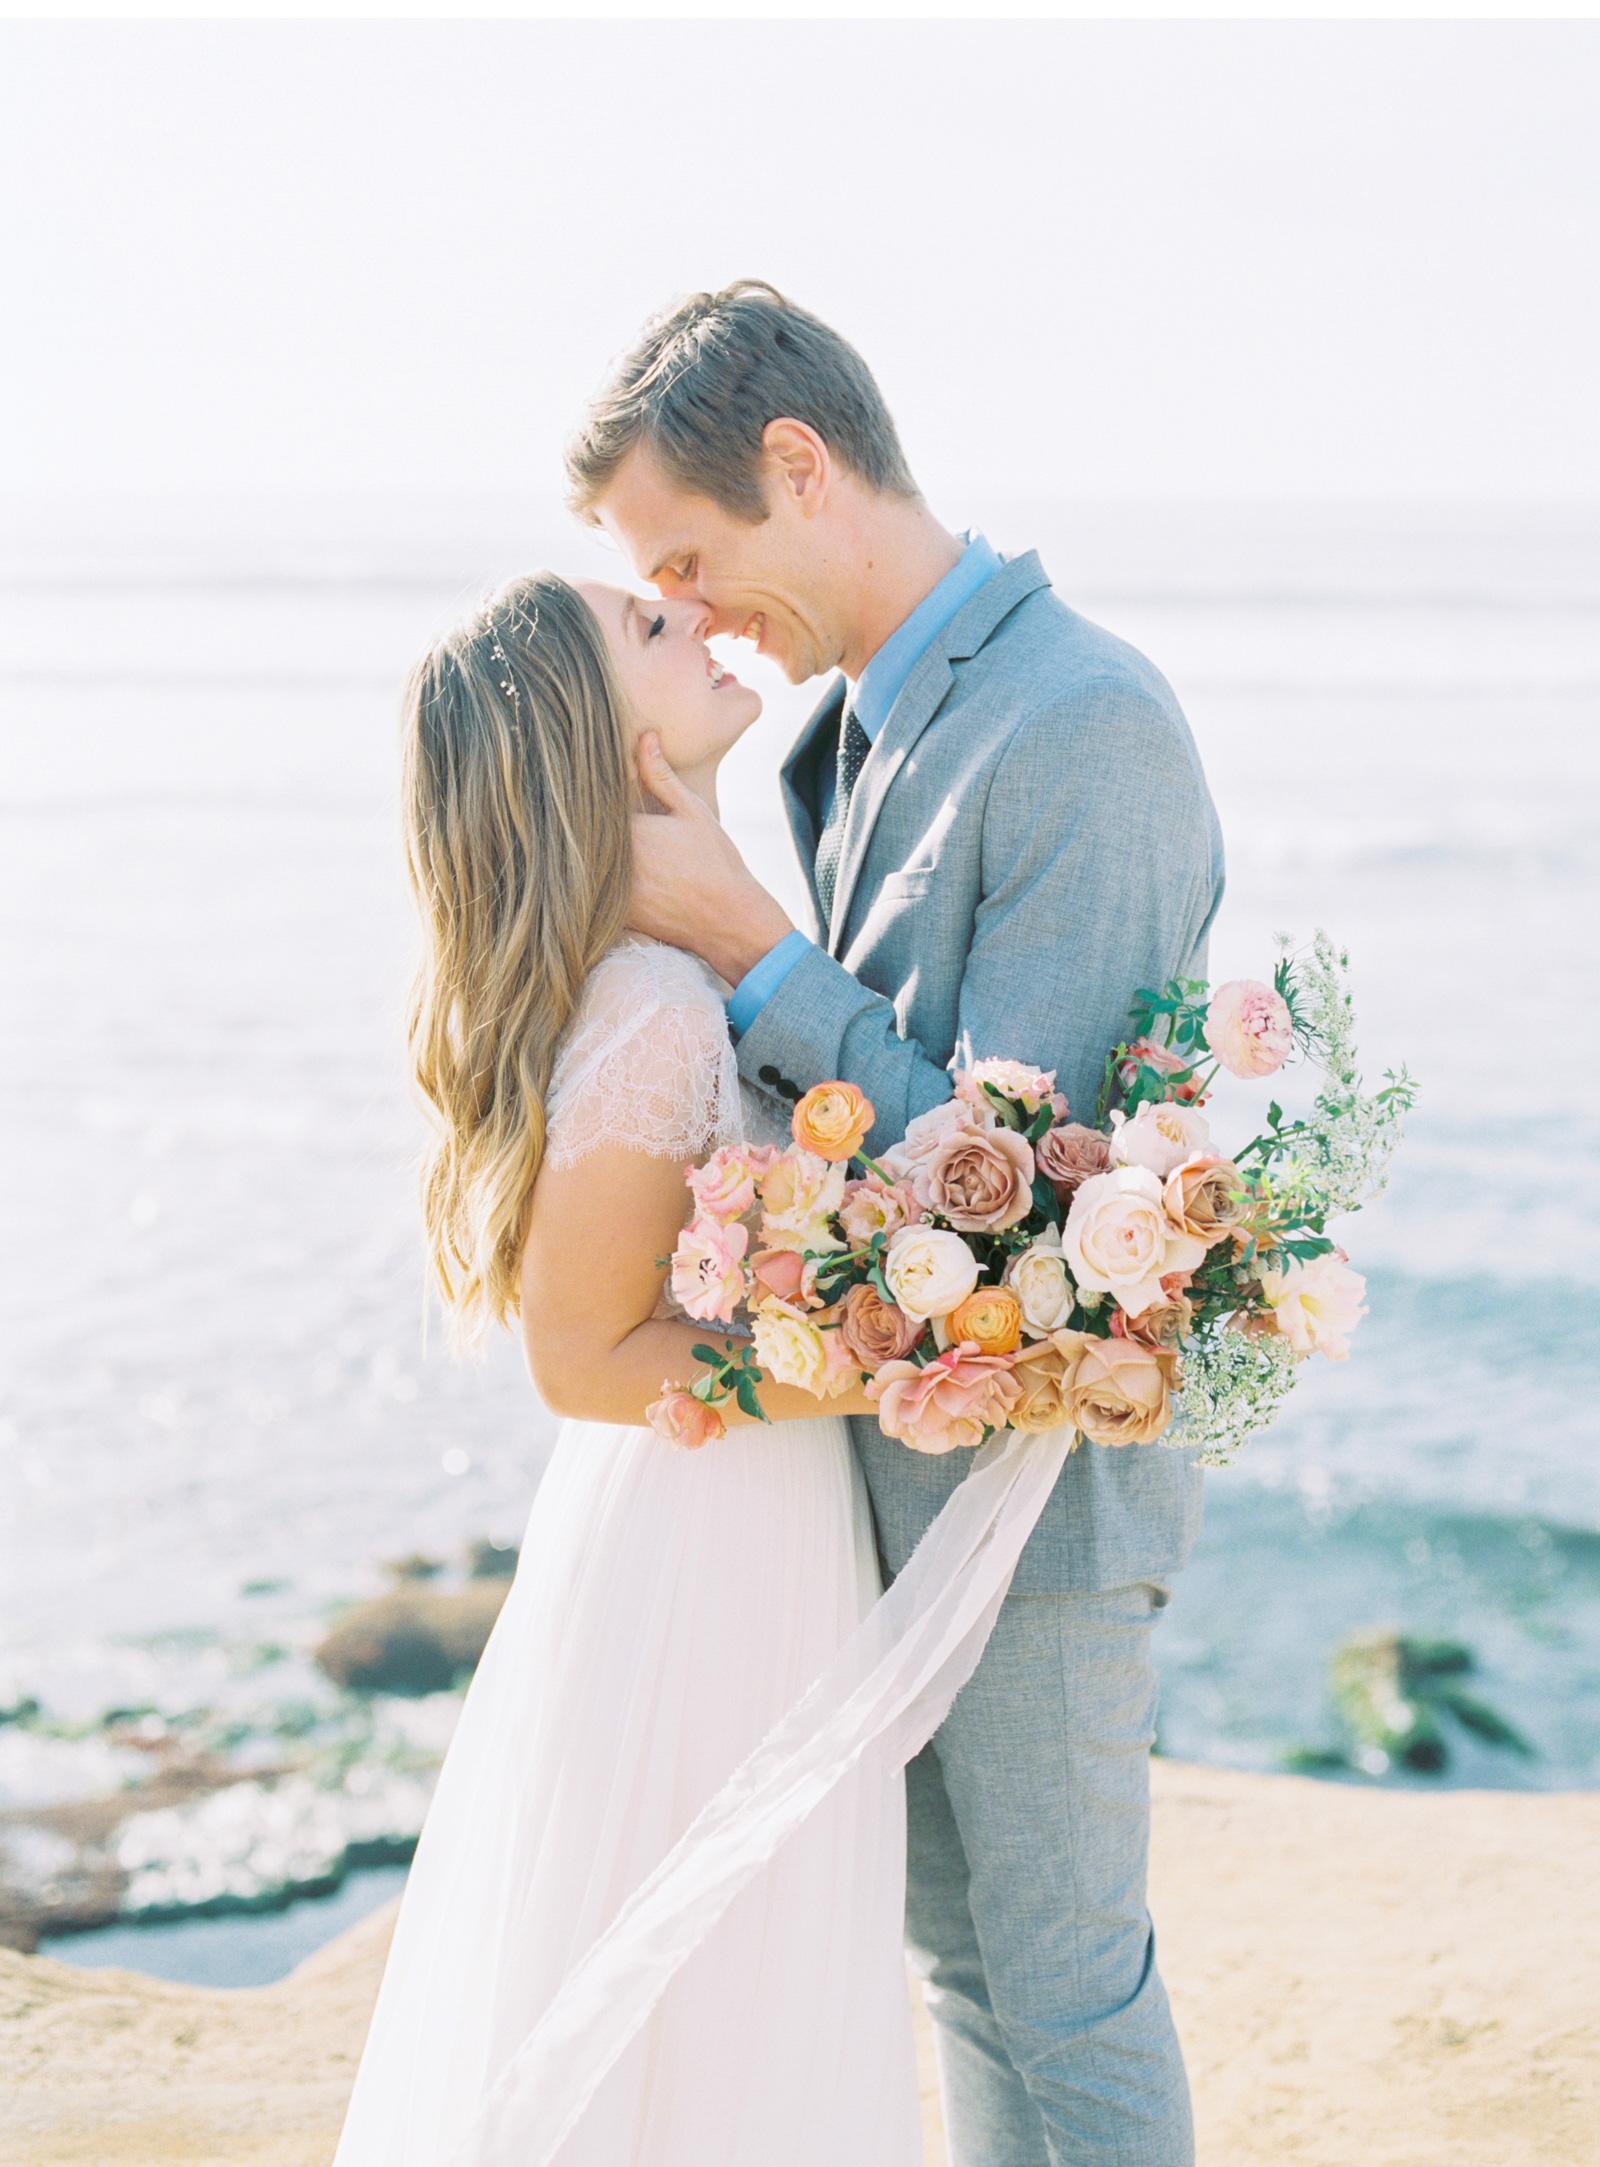 Style-Me-Pretty-Sunset-Cliffs-San-Diego-Wedding-Natalie-Schutt-Photography_01.jpg